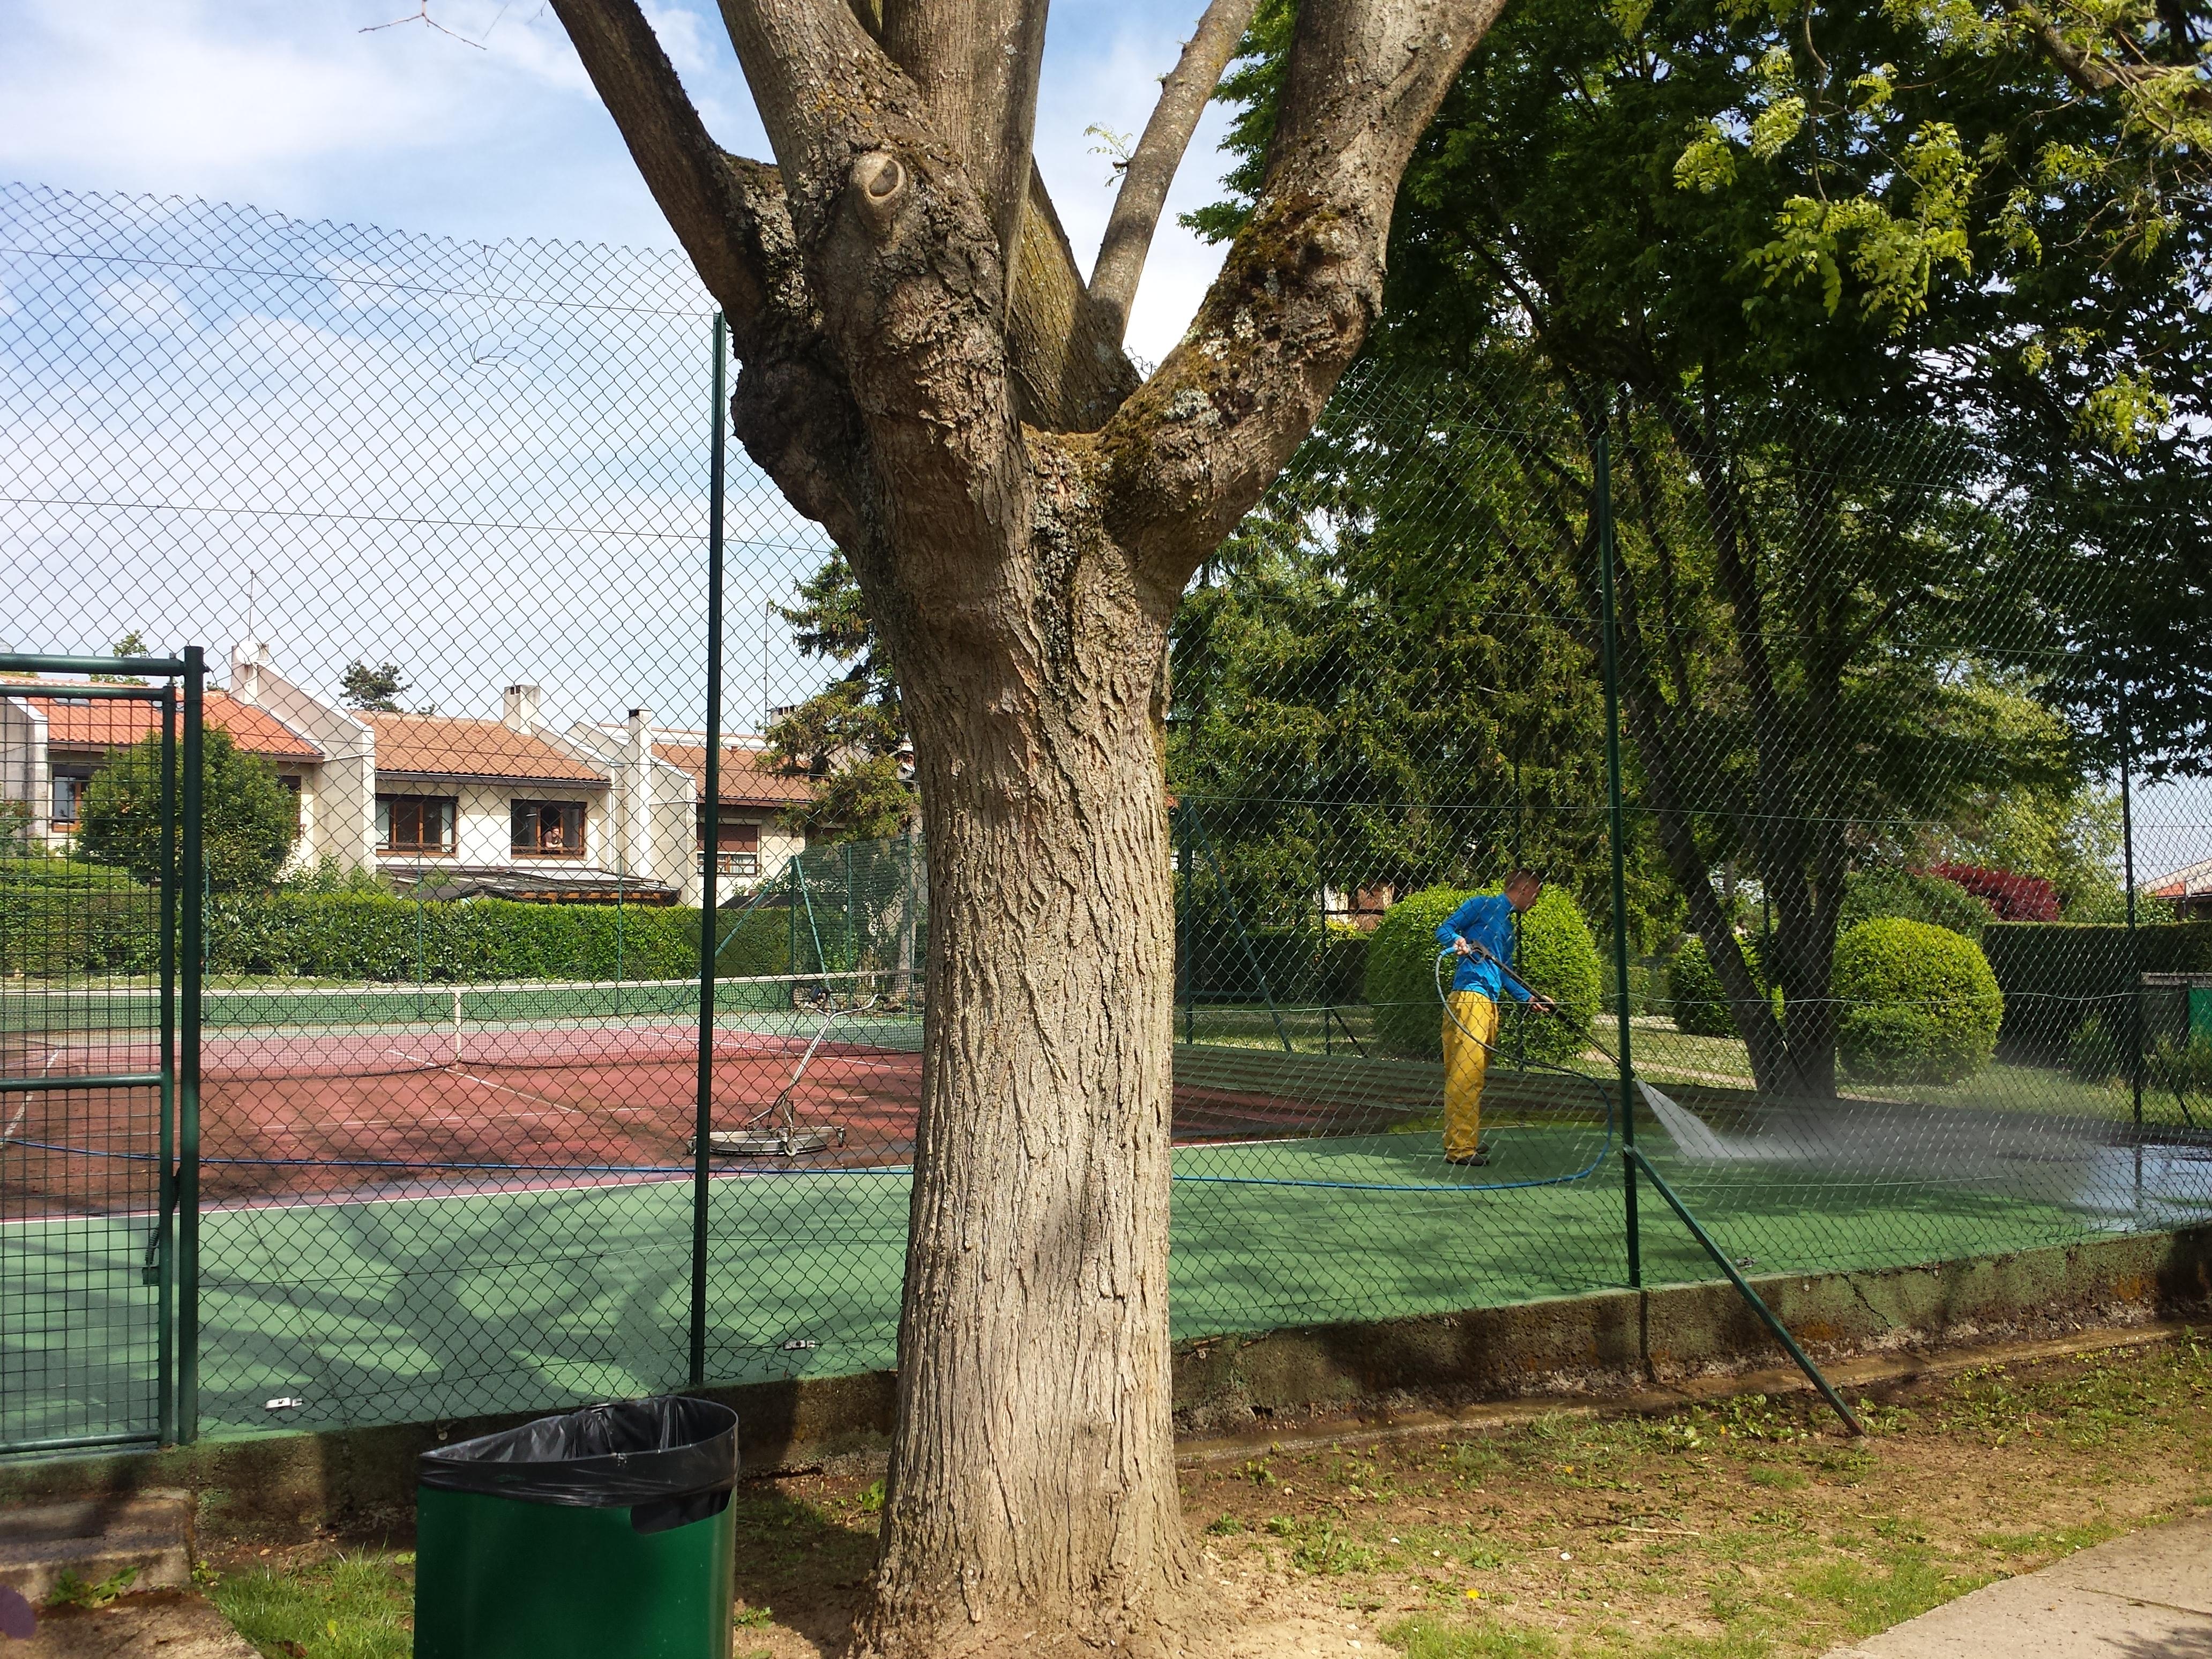 Terrains de tennis rafraichis les hameaux de la roche for Terrain de tennis taille